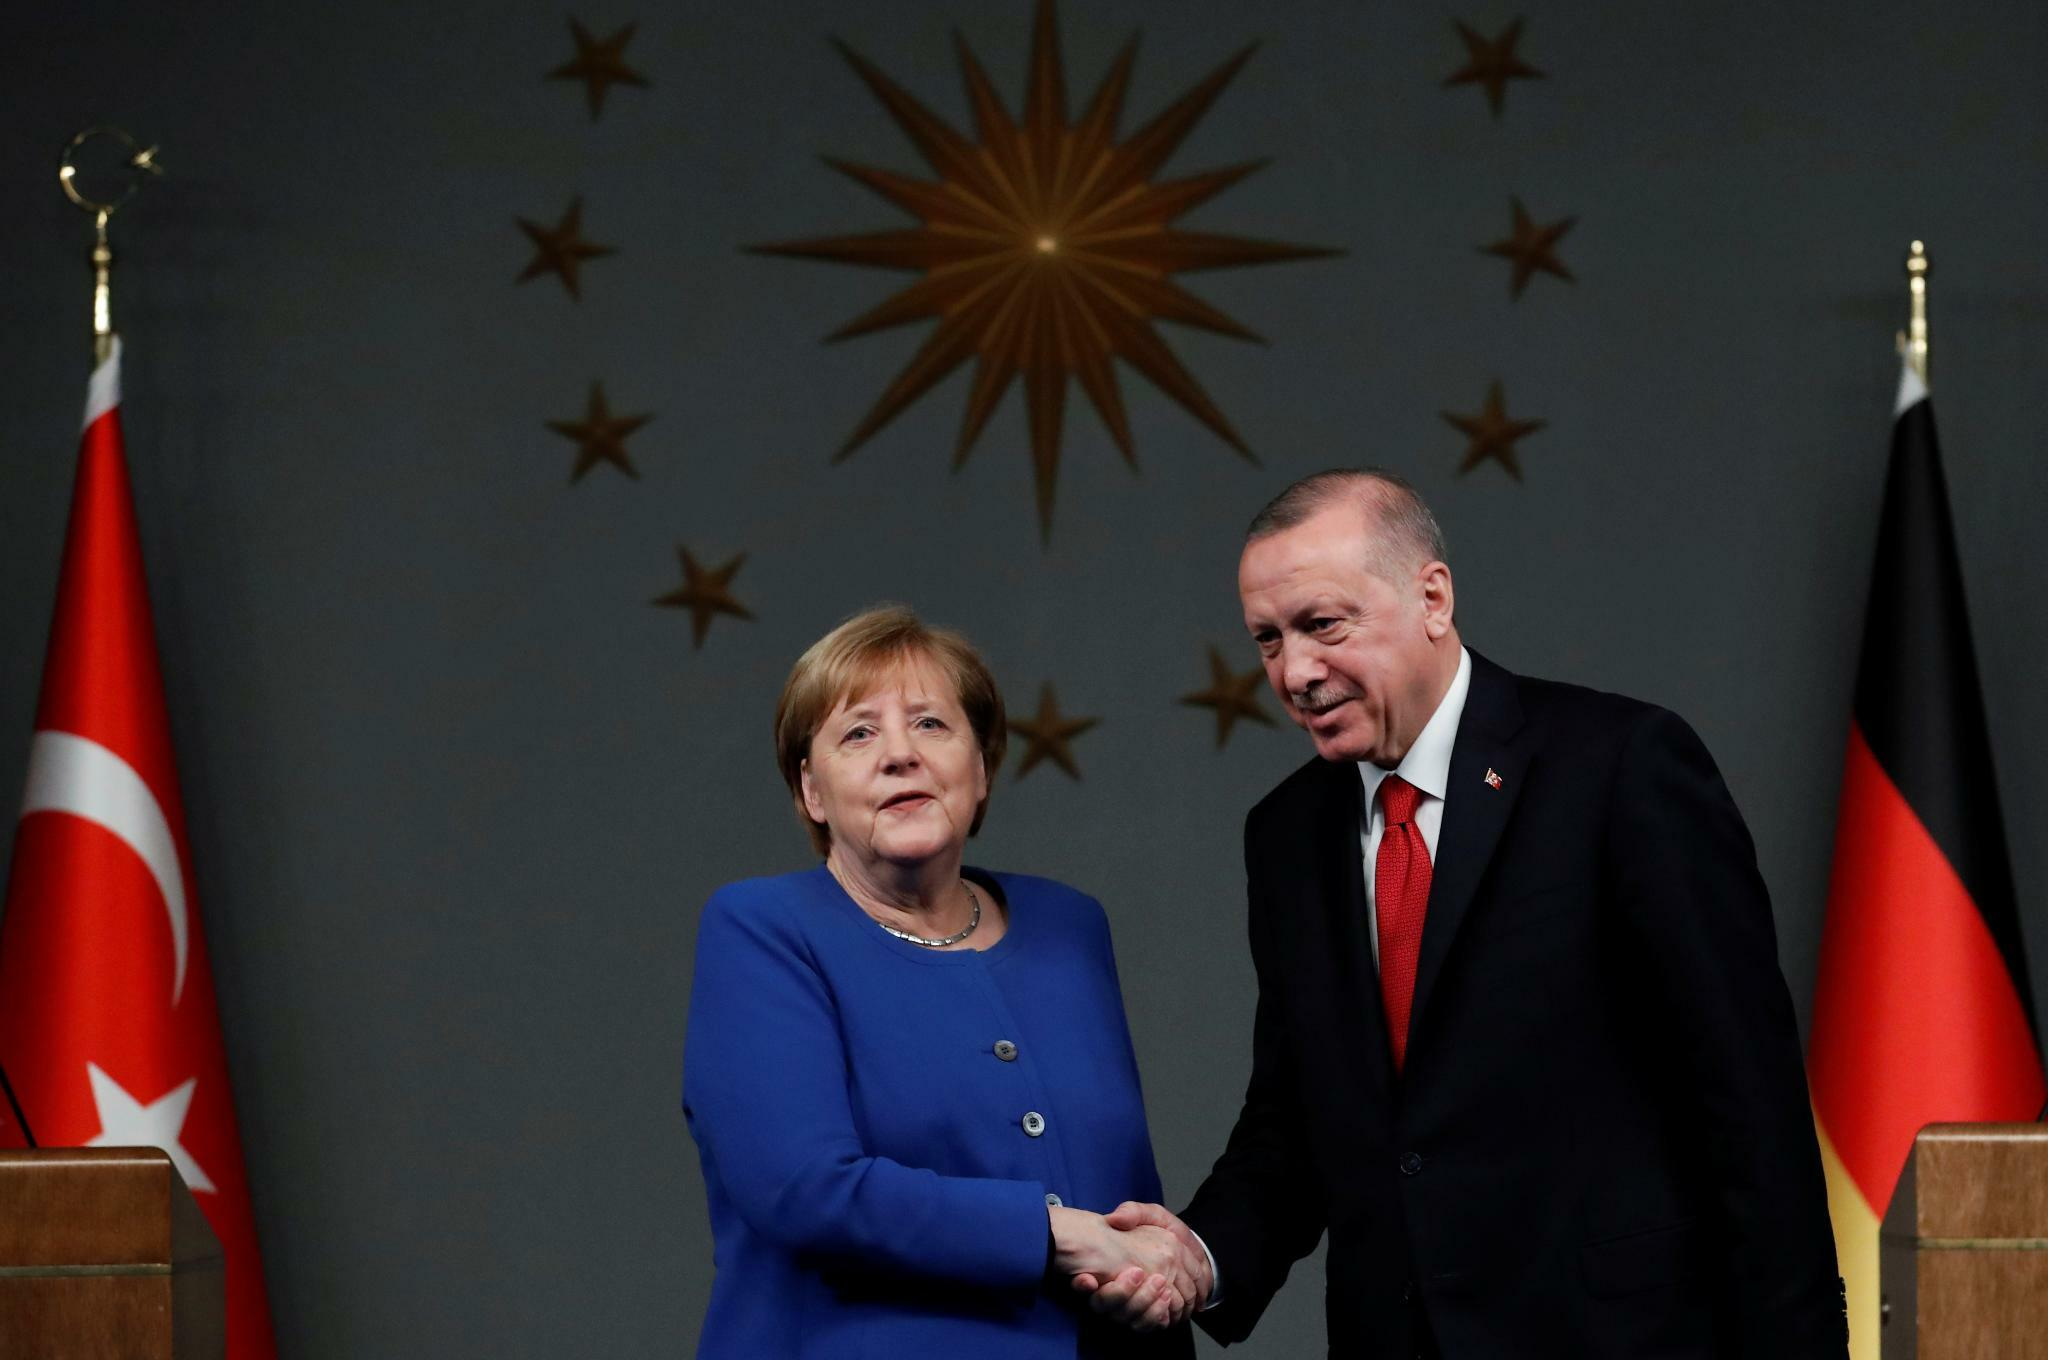 Europa darf sich nicht von Erdogan einschüchtern lassen